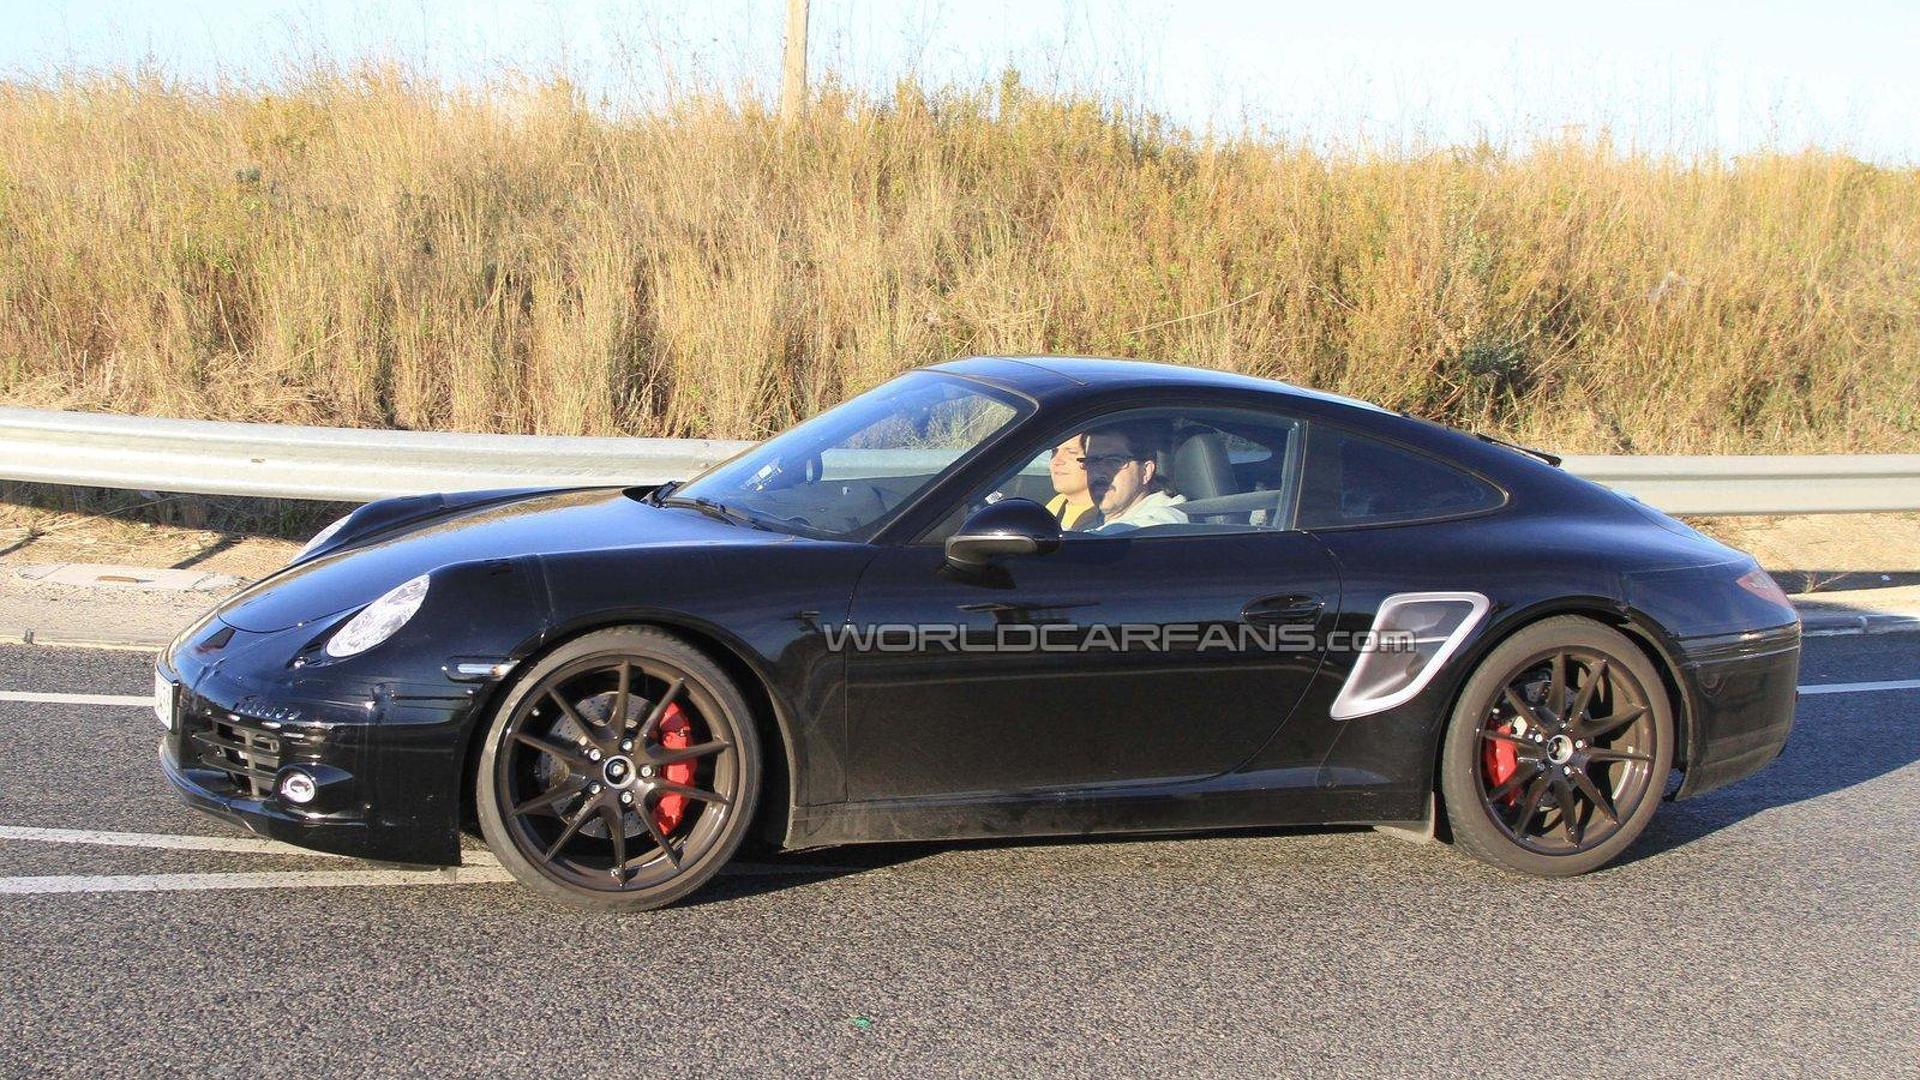 2012 Porsche 911 spied close up